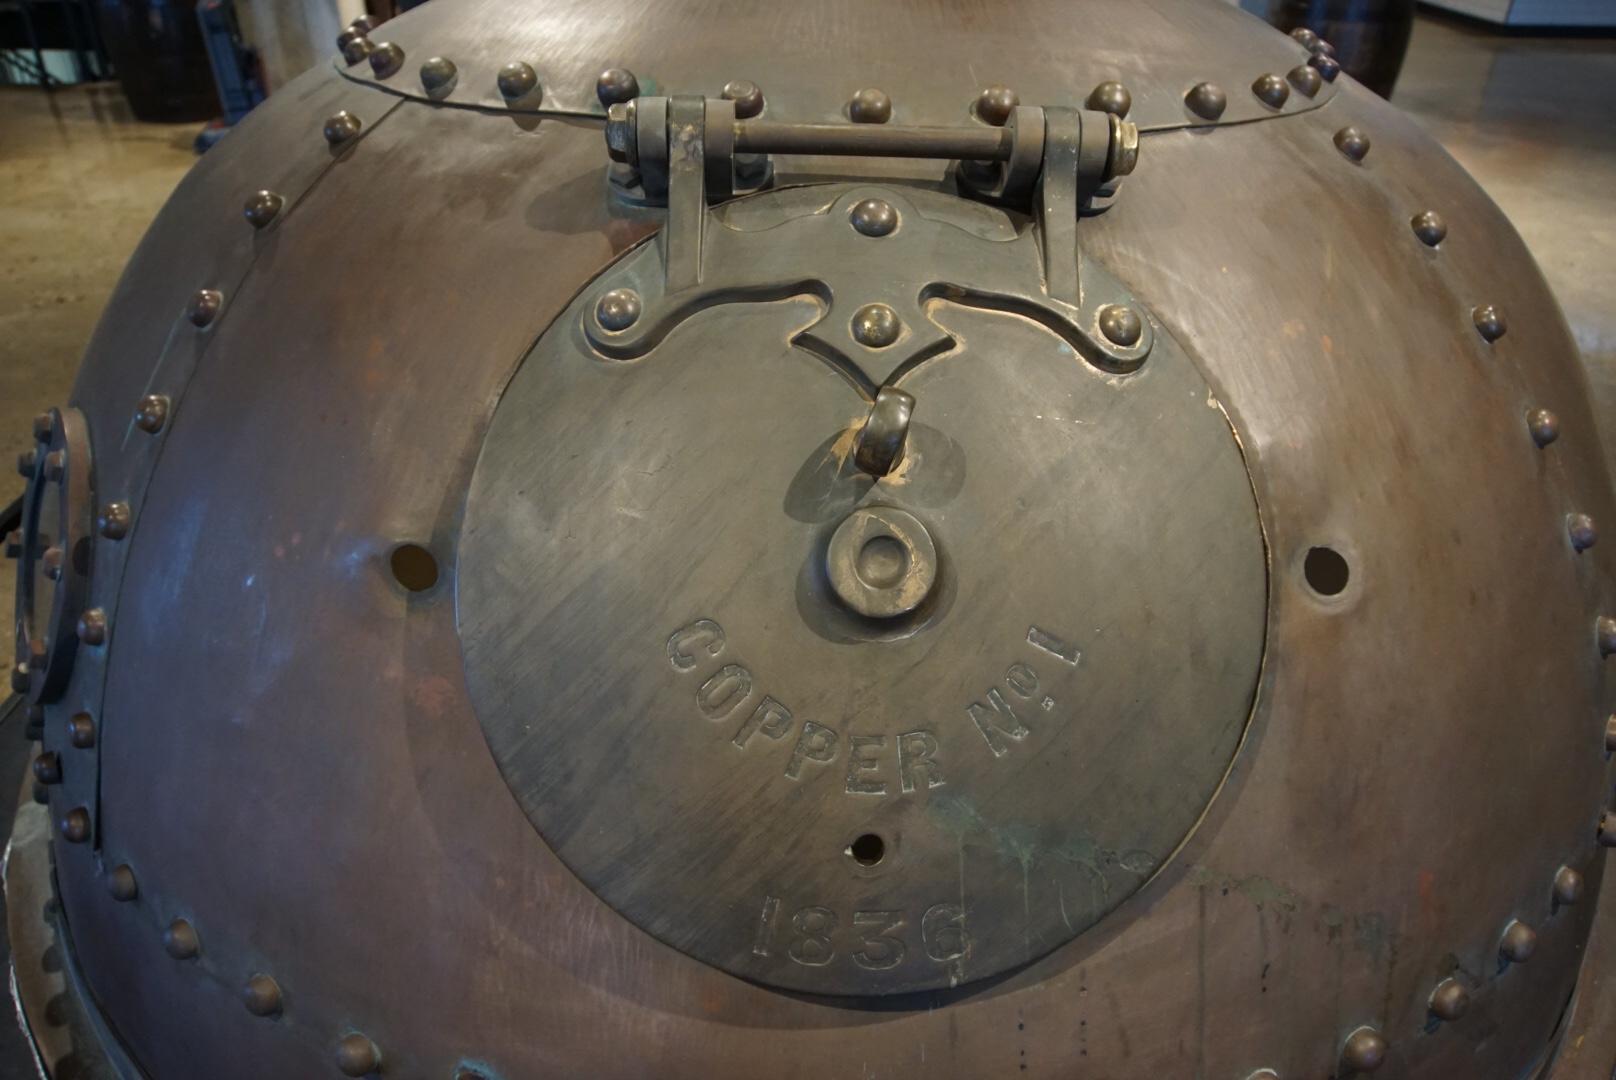 Original kettle on display.